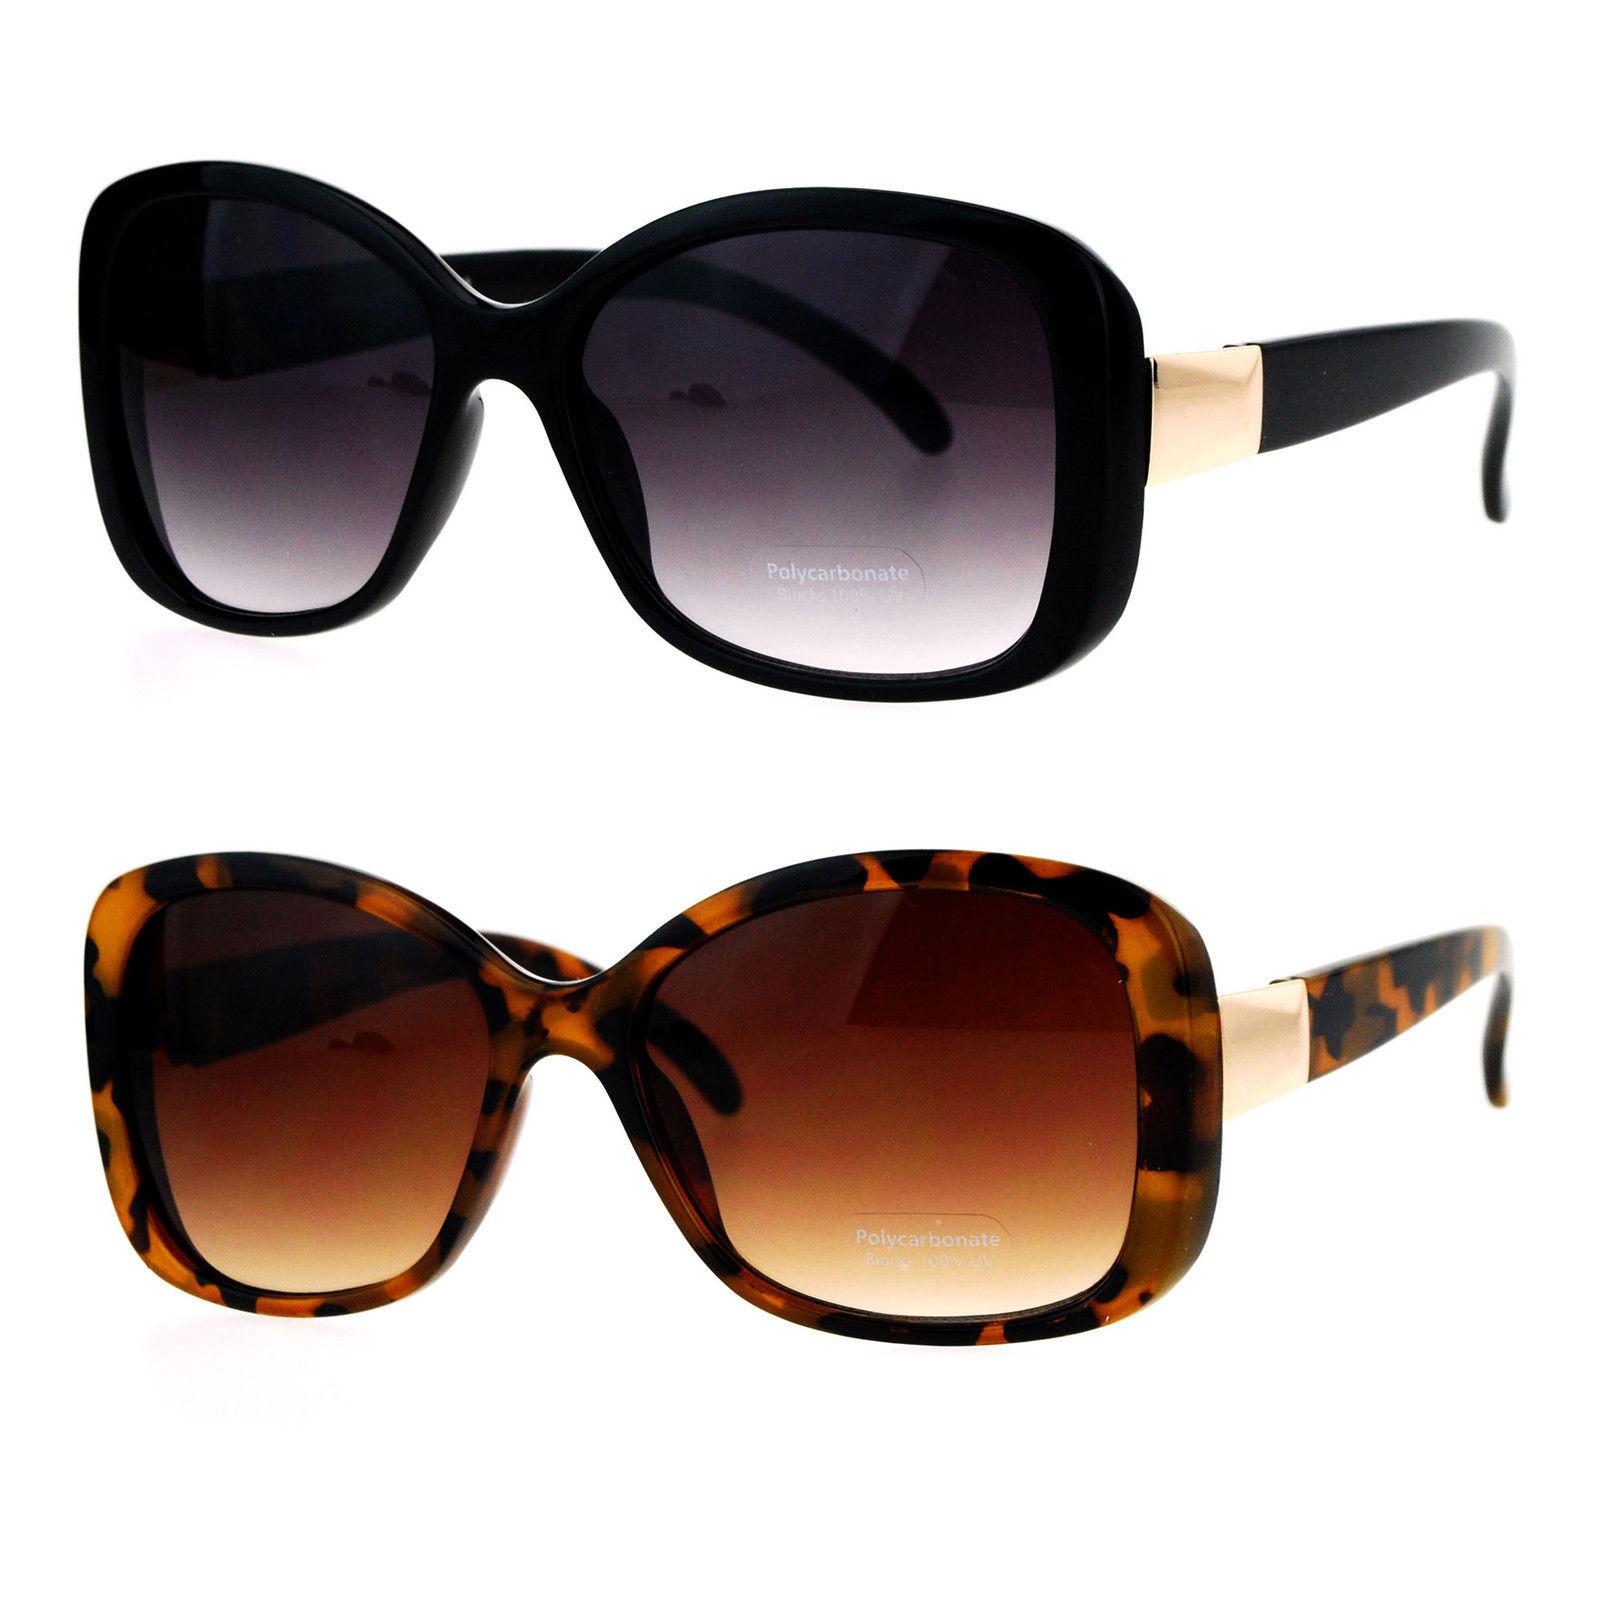 761035c01873 S l1600. S l1600. Womens Mod Minimal Butterfly Designer Fashion Diva  Sunglasses · Womens Mod Minimal Butterfly Designer Fashion Diva Sunglasses